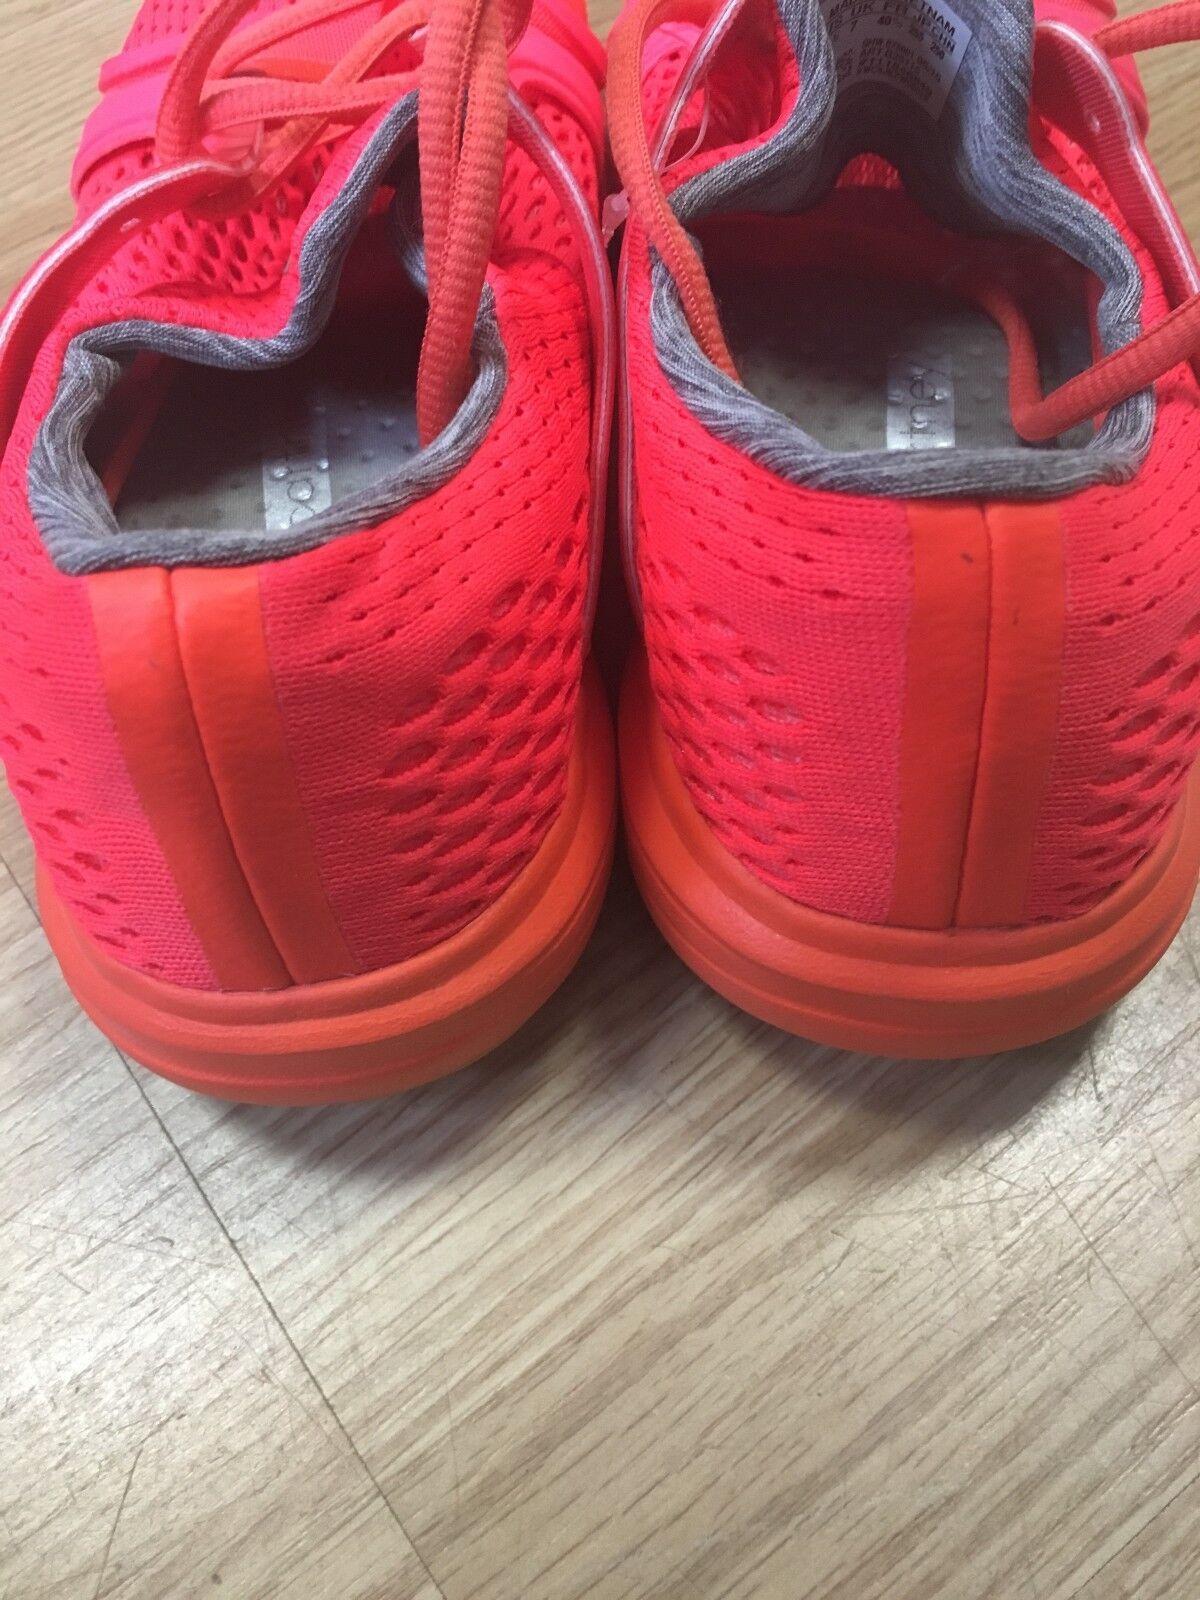 Adidas Stella B25115 McCartney Climacool Sonic Sz:8.5 Running B25115 Stella Solar Rosso Coral 73c42a